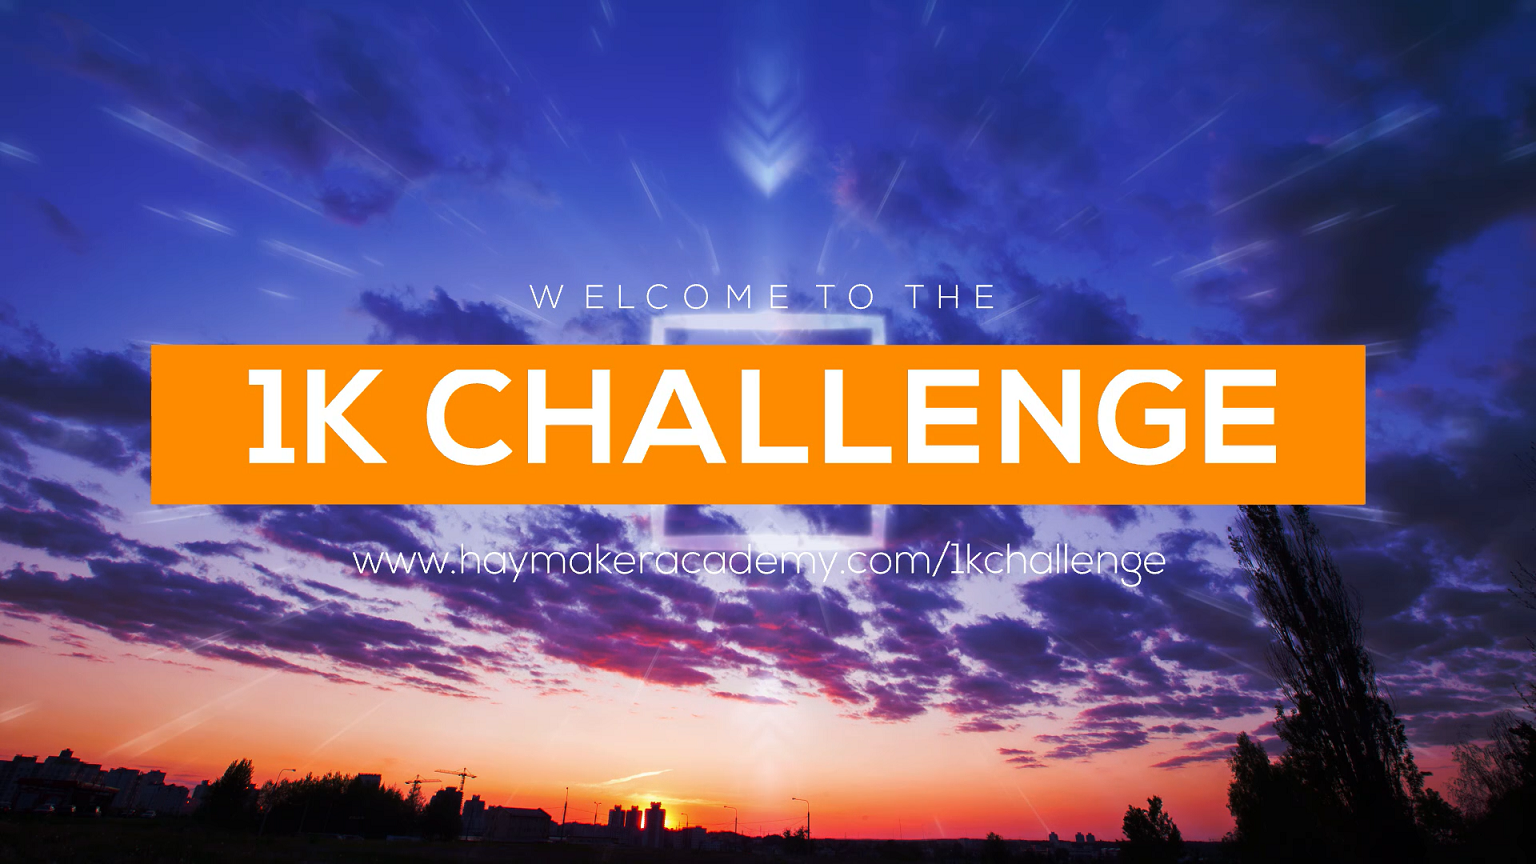 Africa 1k Challenge Videoa